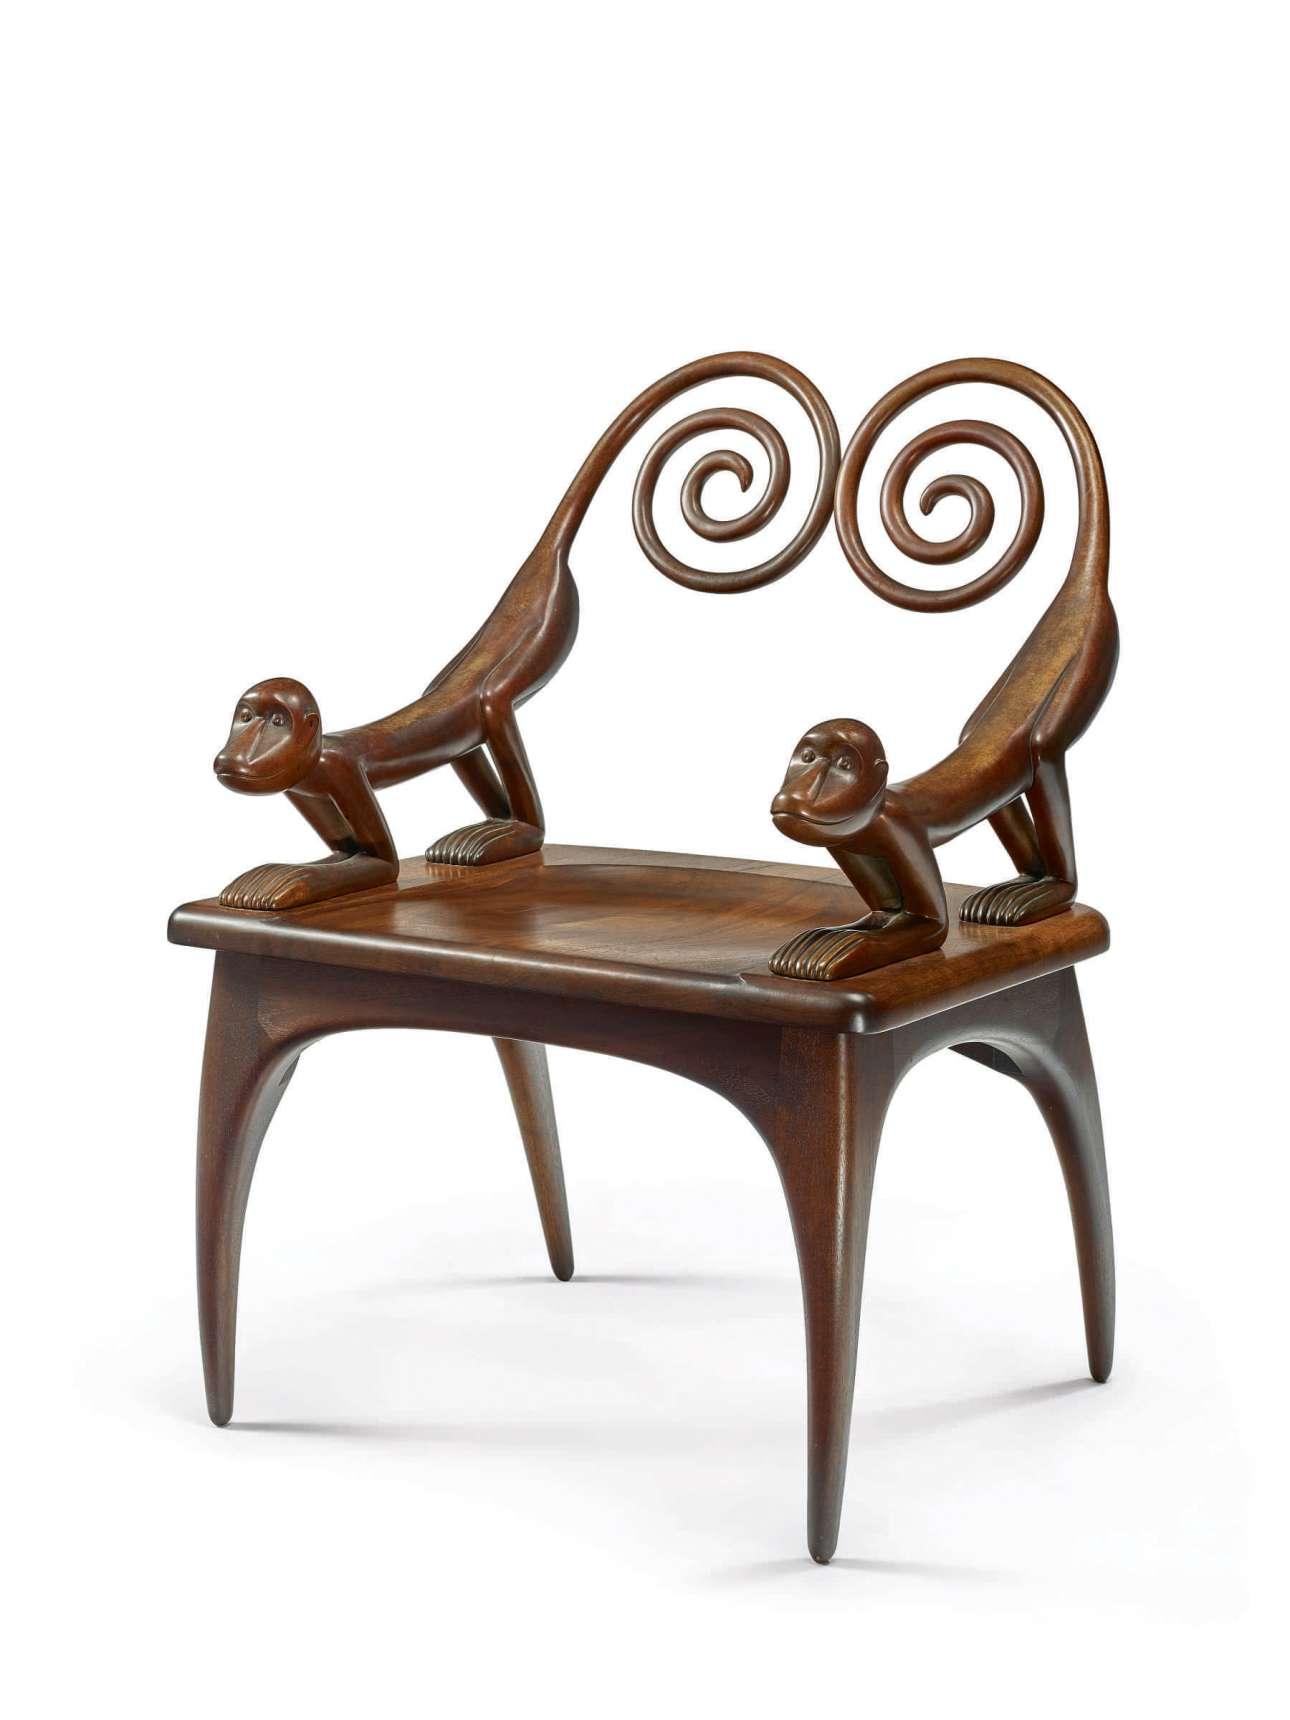 Ξύλινη καρέκλα με σκαλιστές μαϊμούδες σχεδιασμένη από την Τζούντι Κένσλι Μακί, η οποία μοιάζει σαν να έχει βγει από το «Τζουμάντζι»